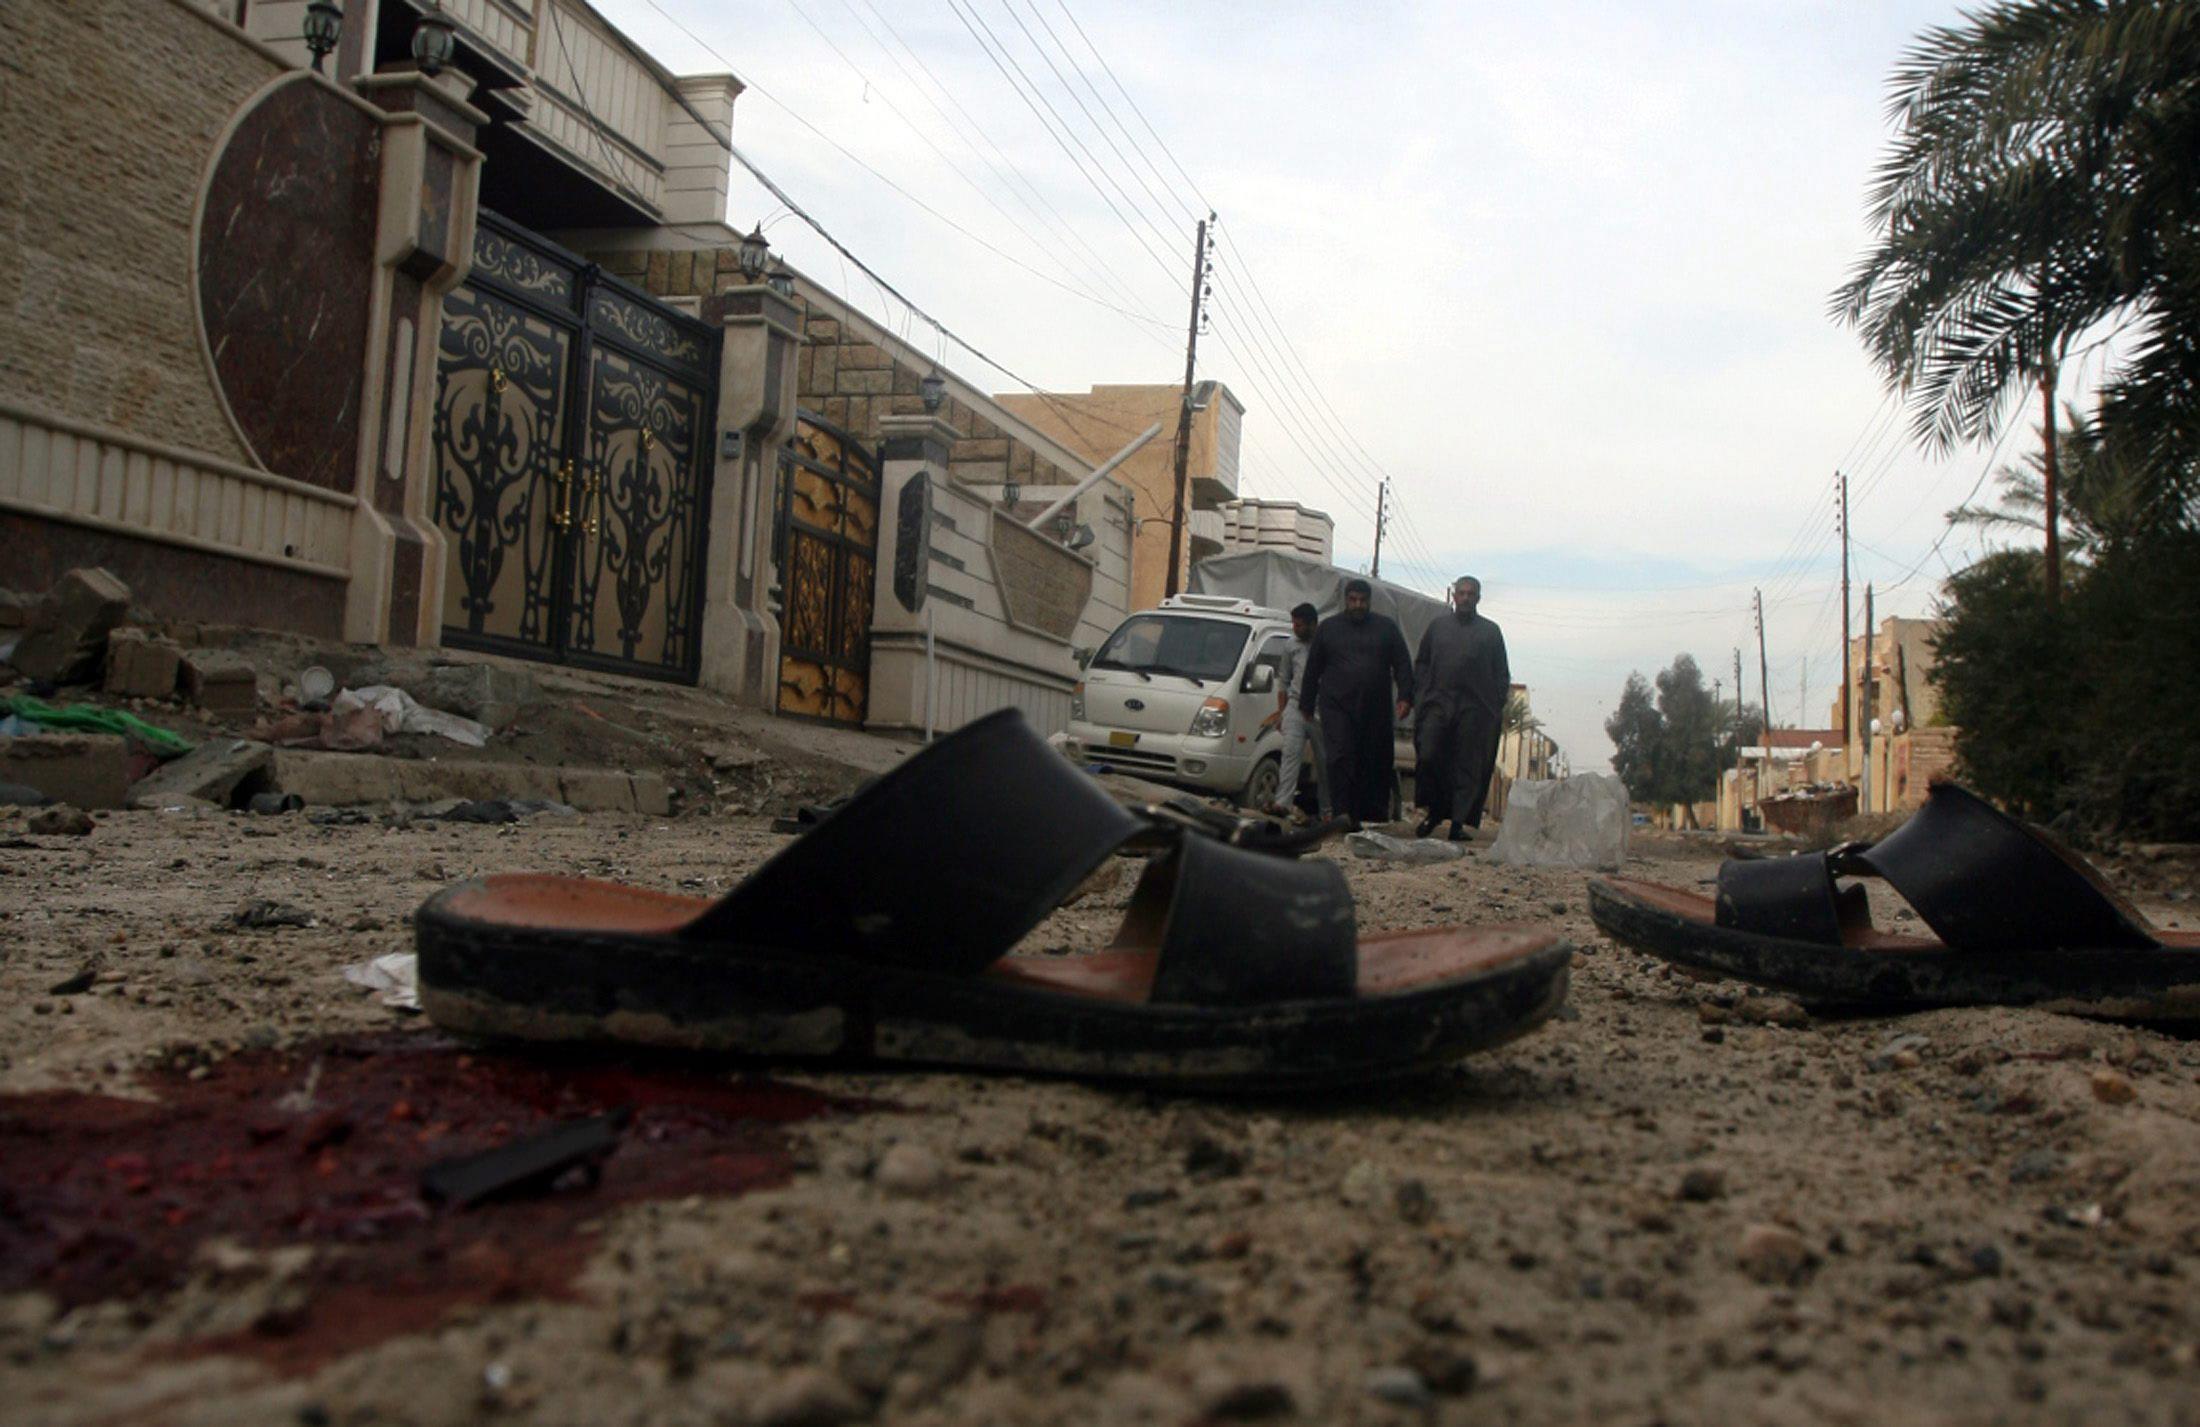 Al menos 21 muertos en una neva jornada de atentados y violencia en Irak